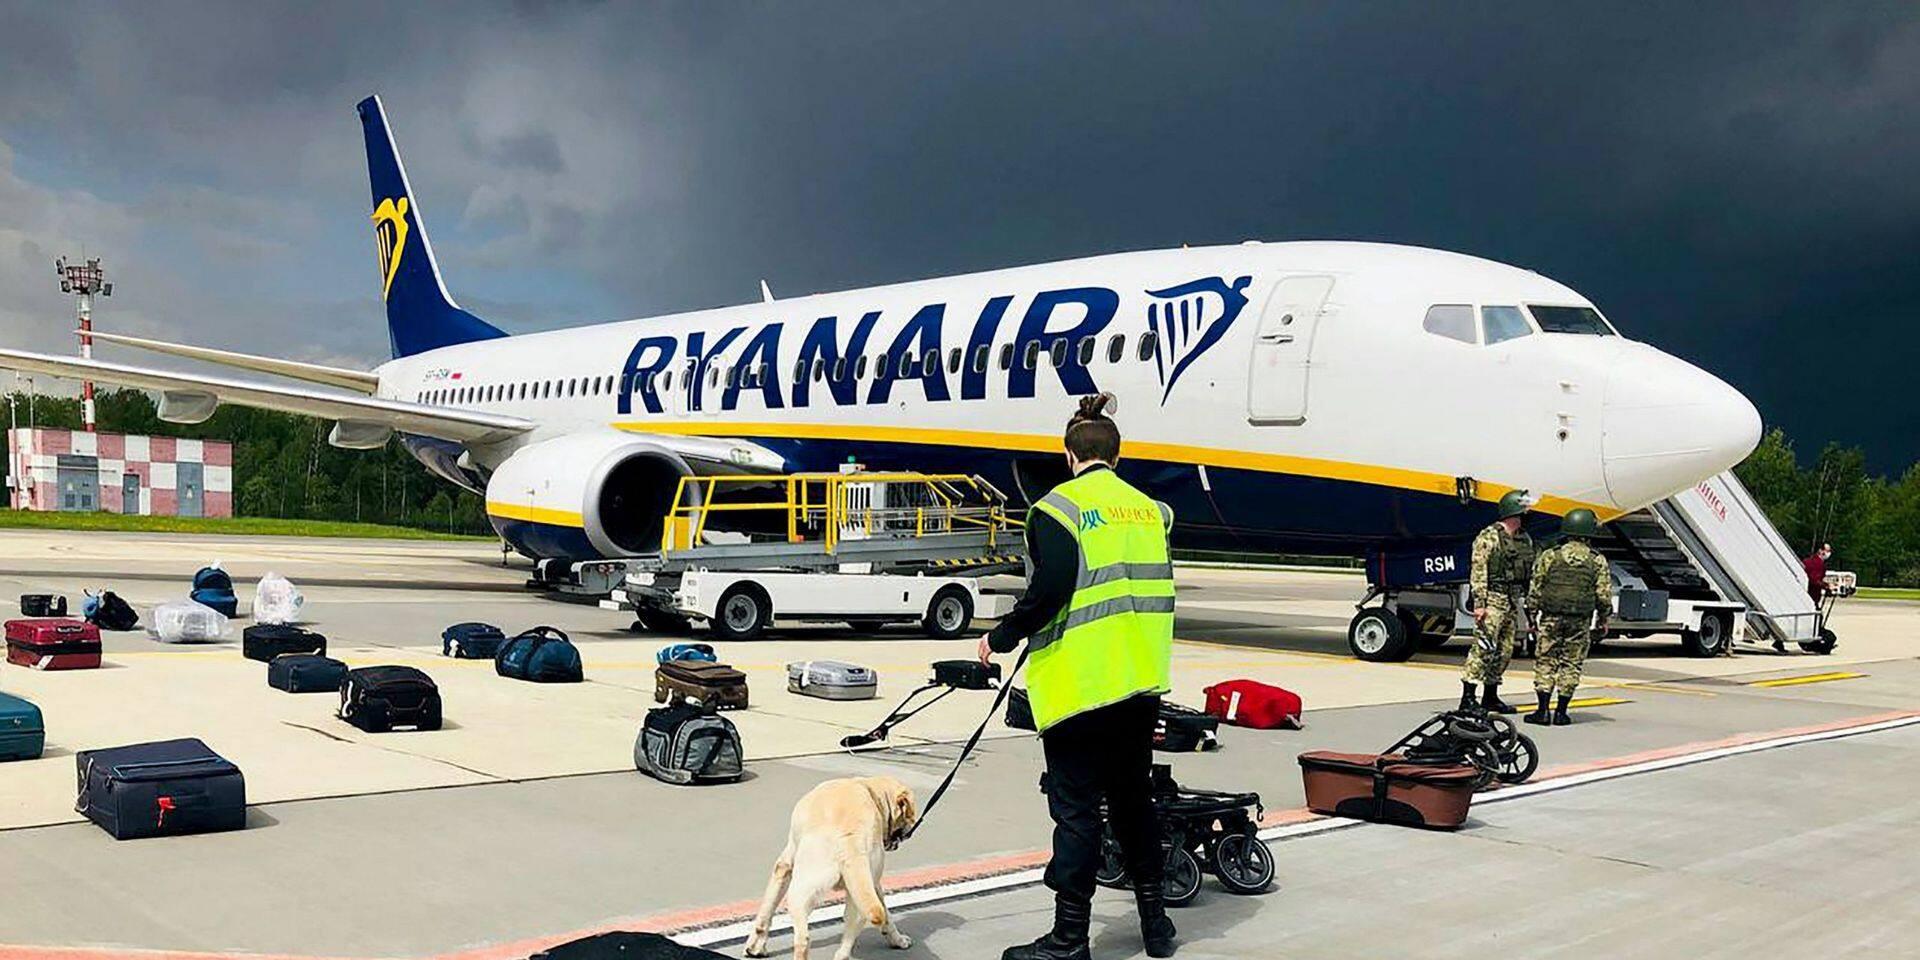 Bélarus: un avion Ryanair forcé à atterrir pour arrêter un opposant de Loukachenko, la communauté internationale réagit vigoureusement